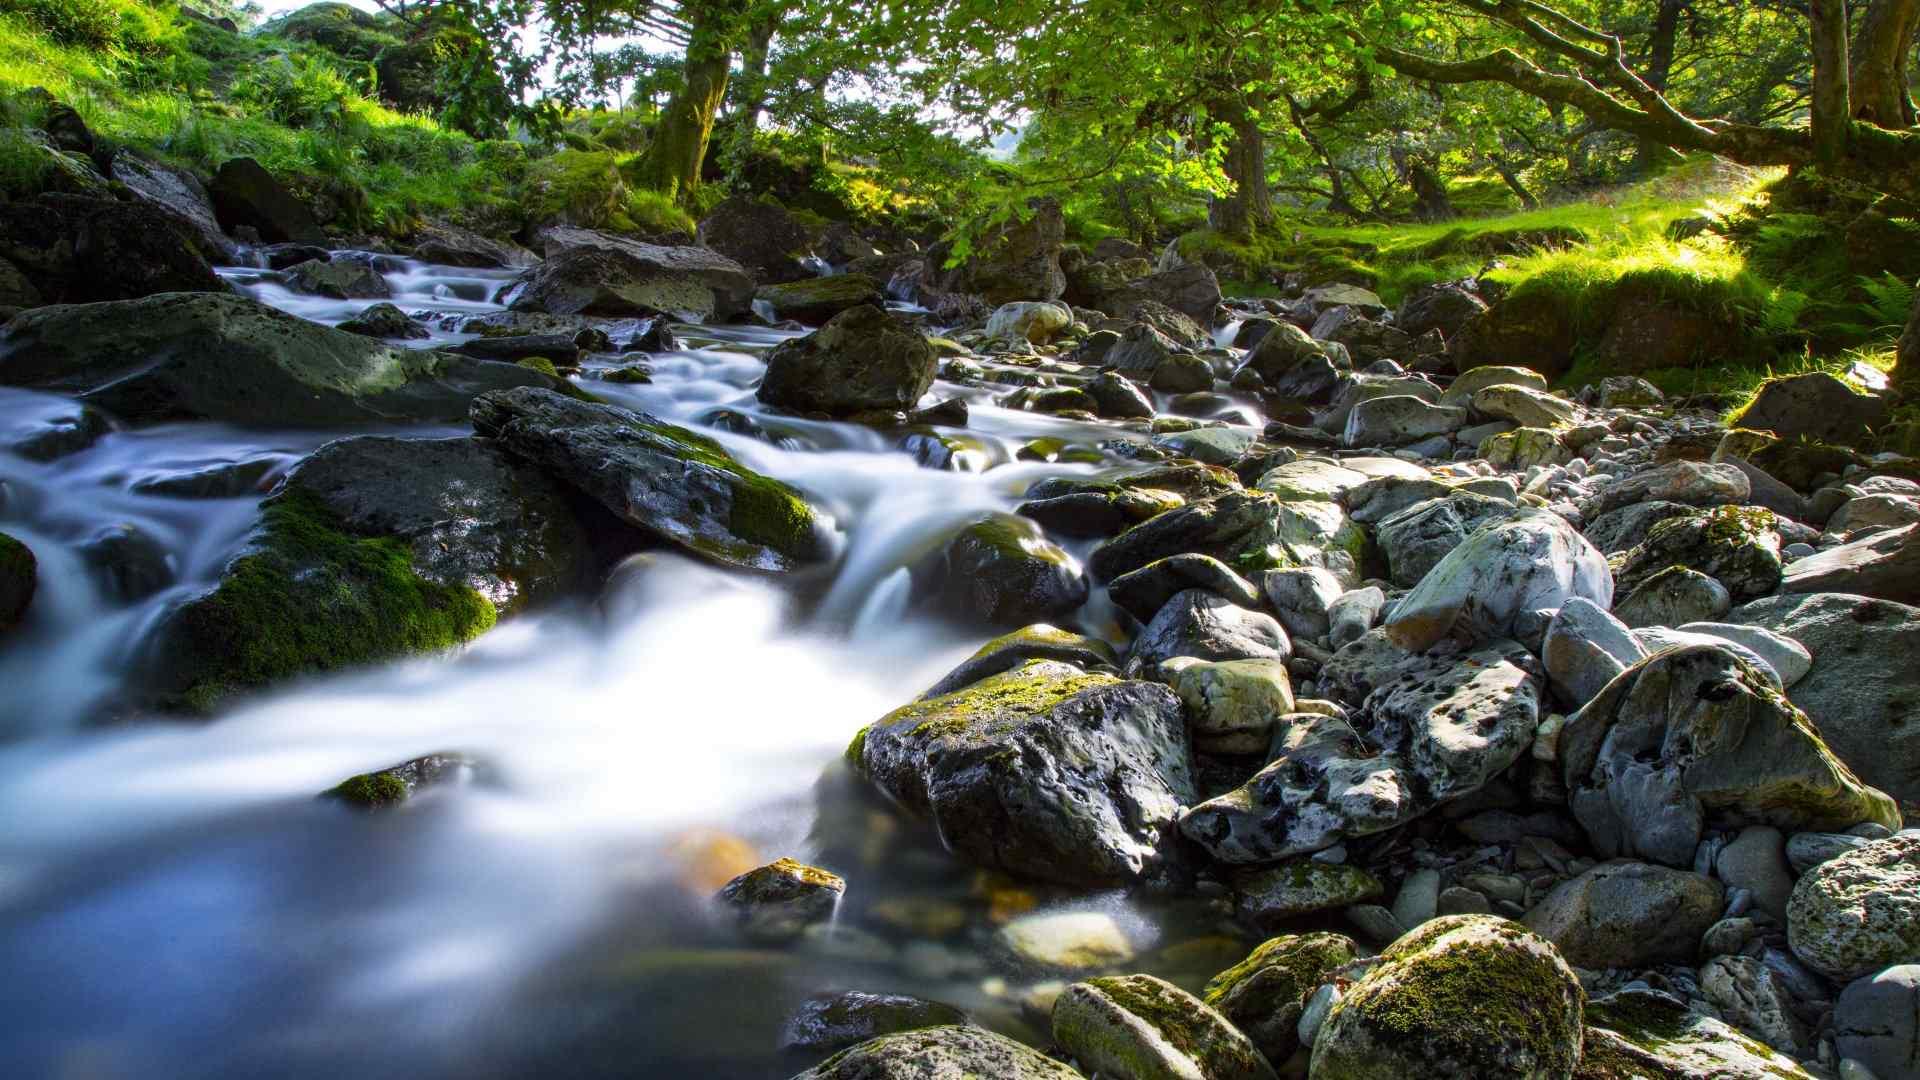 山谷溪流自然风景桌面壁纸